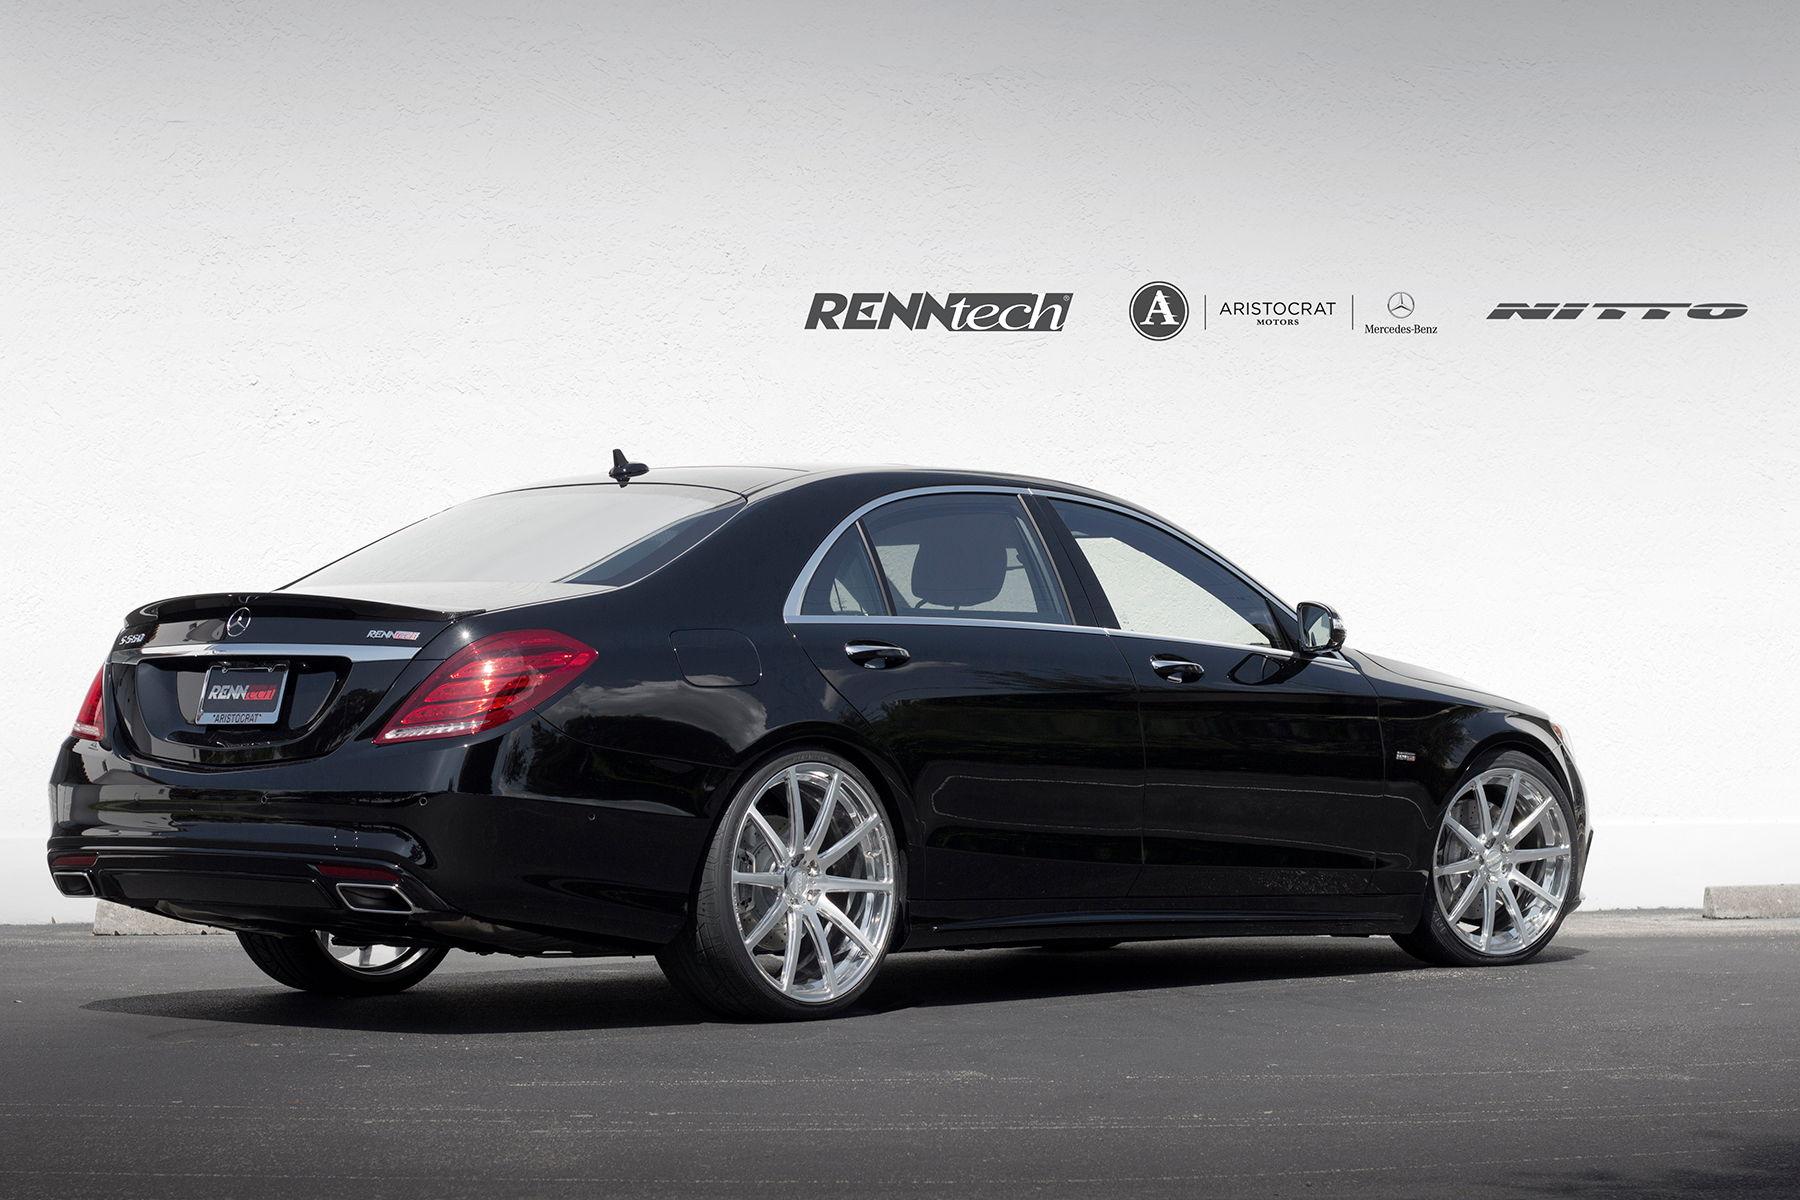 Mercedes benz s 550 renntech aristocrat mbworld for Mercedes benz renntech